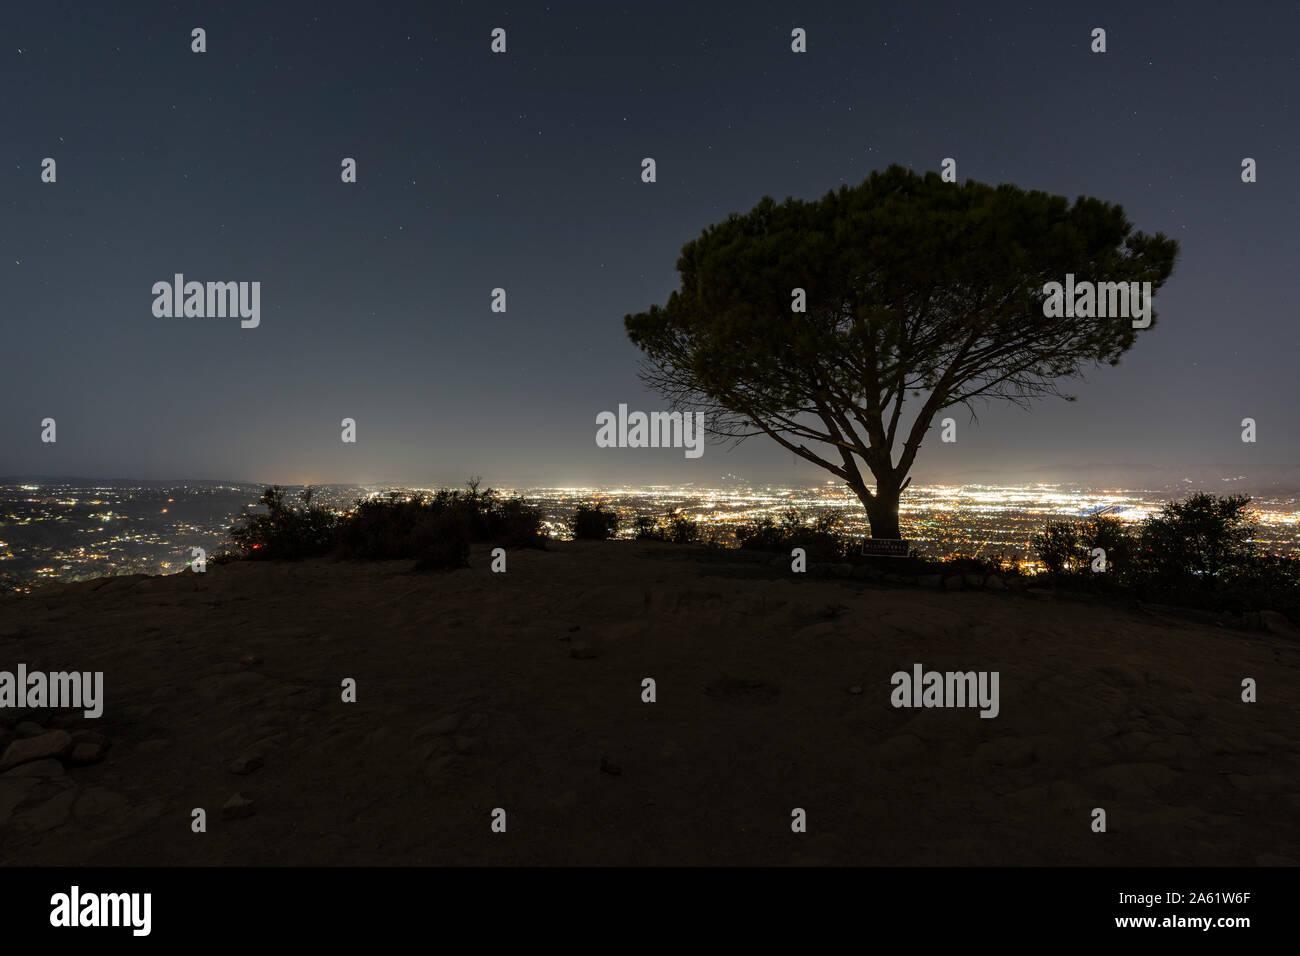 Vista de noche del árbol de la Sabiduría en Burbank Peak cerca de Griffith Park y Hollywood en Los Angeles, California. Foto de stock